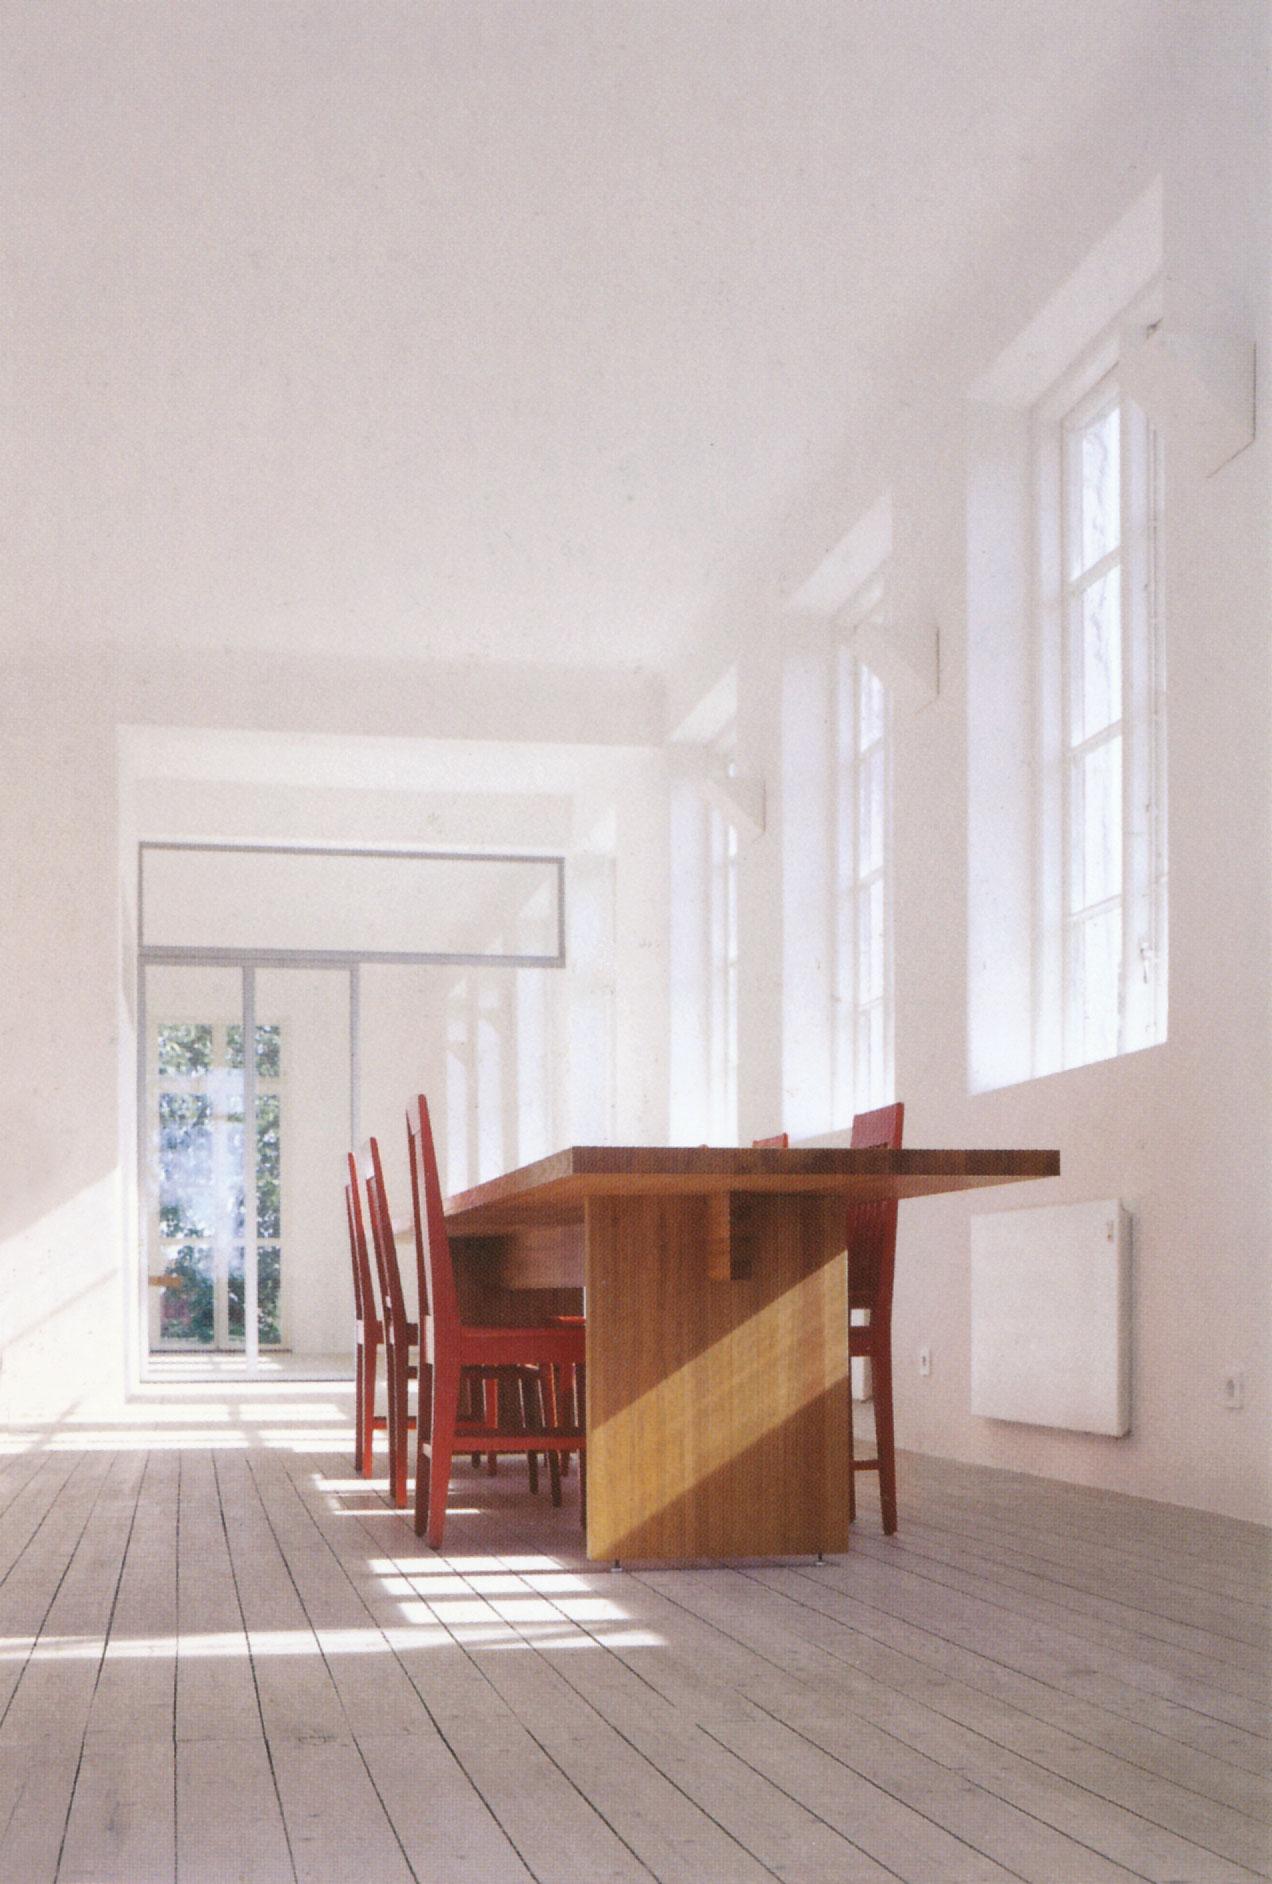 شرکت معماری سی.کِی.آر.کلِیسون کویویستو رون، خانهای برای ایگنِگرِد رامان و کلارِس سودرکوییست؛ بالدرینگ، سوئد، 2001